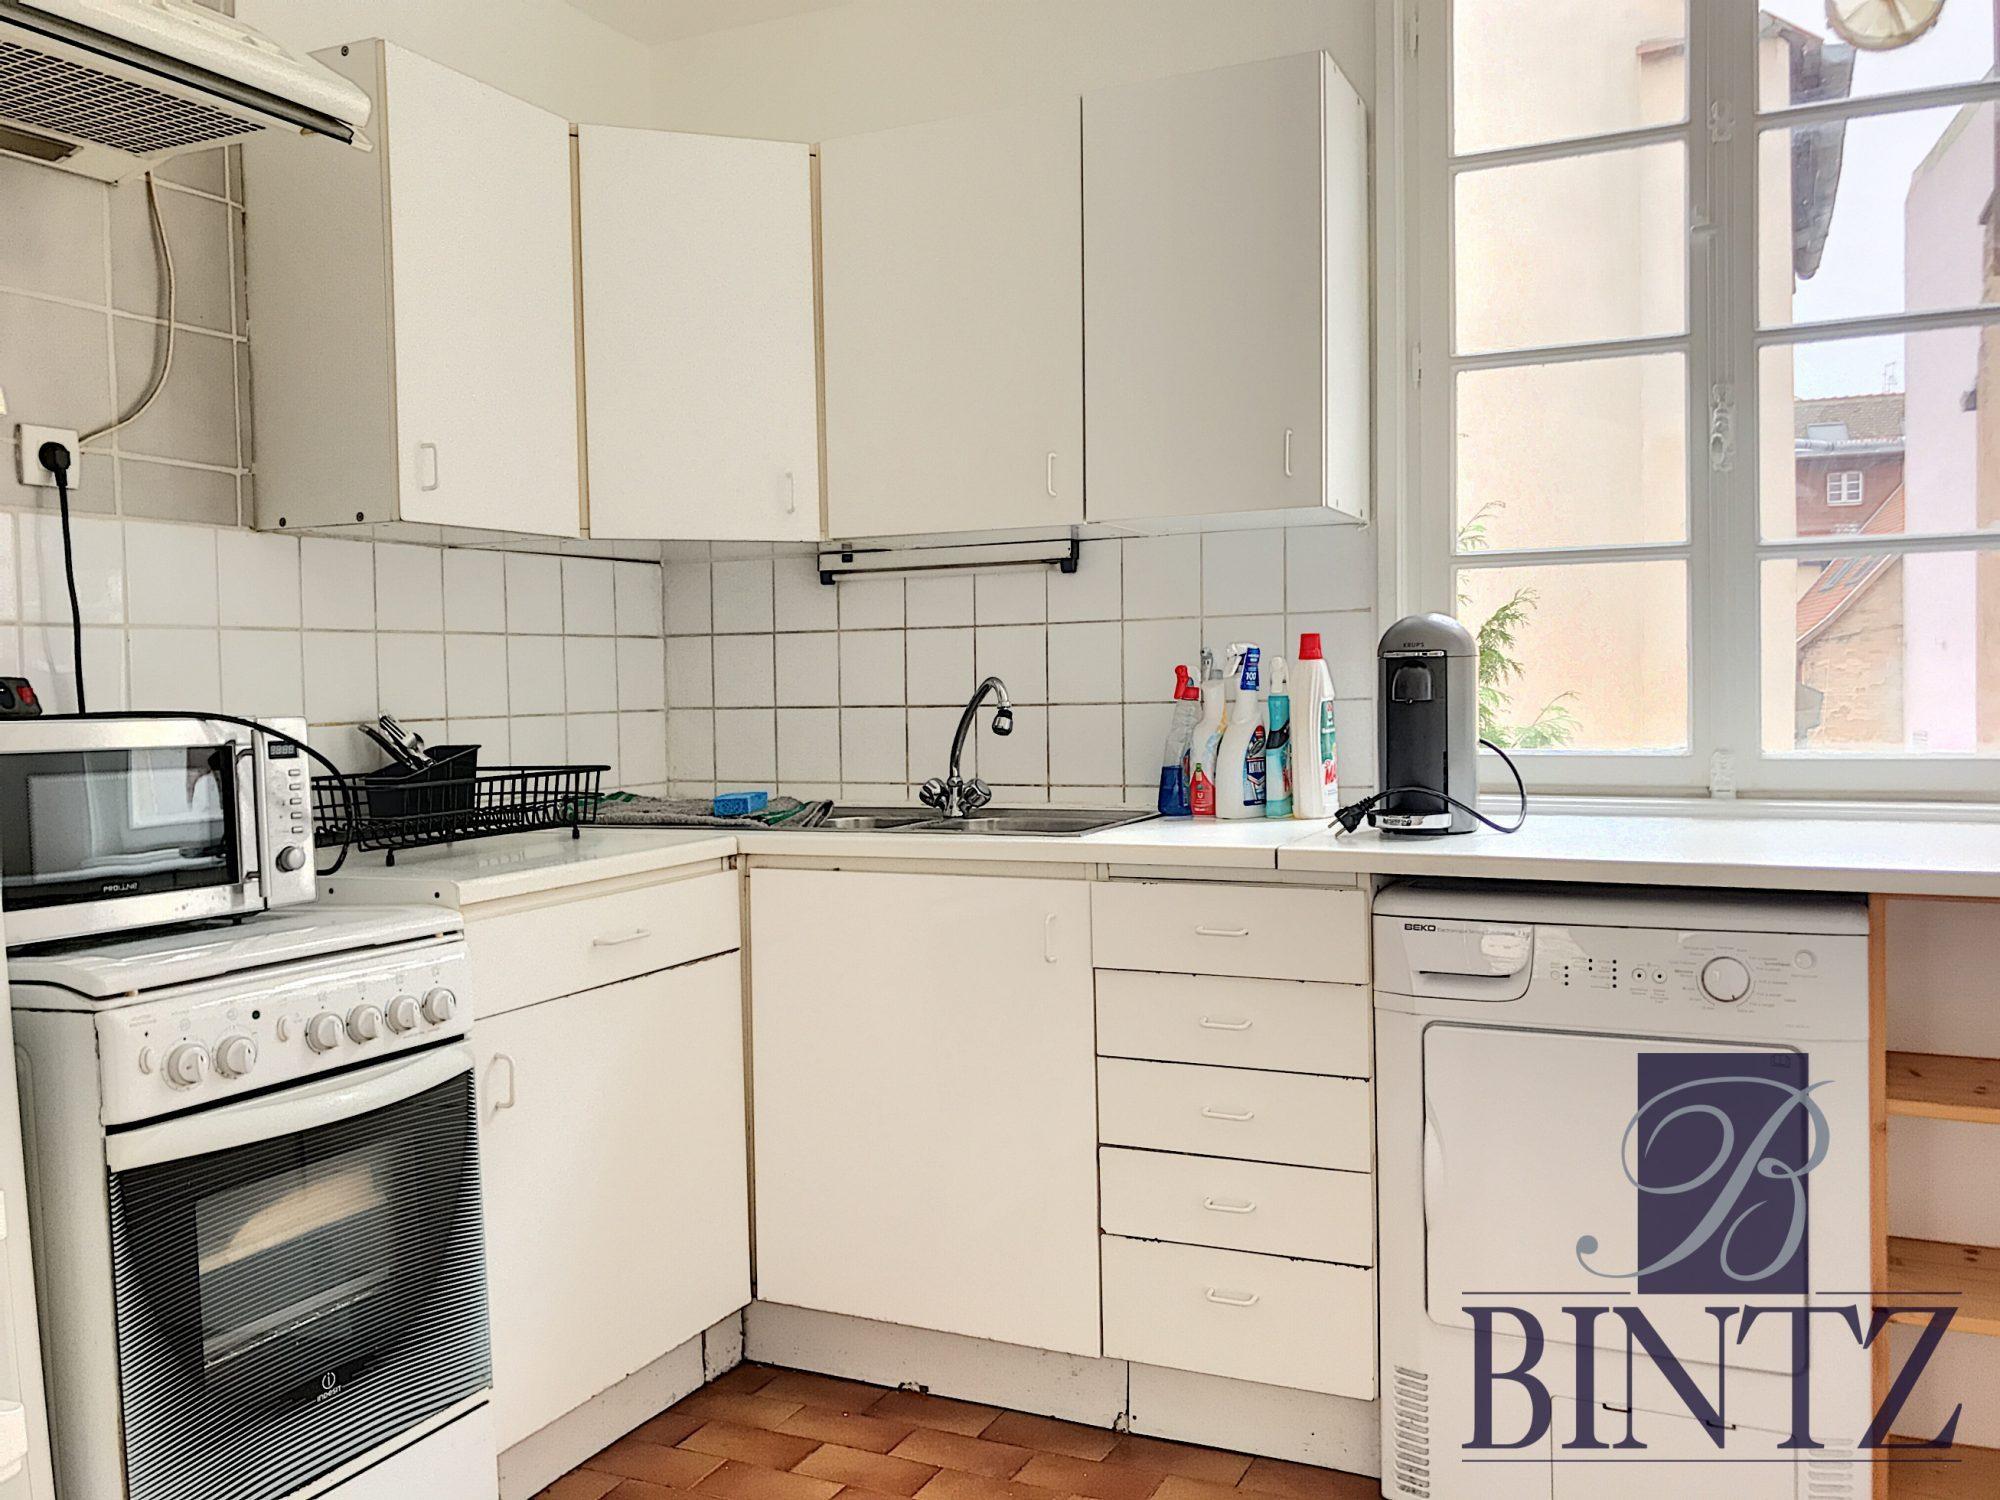 2 PIÈCES MEUBLÉ HYPER CENTRE - Devenez locataire en toute sérénité - Bintz Immobilier - 3